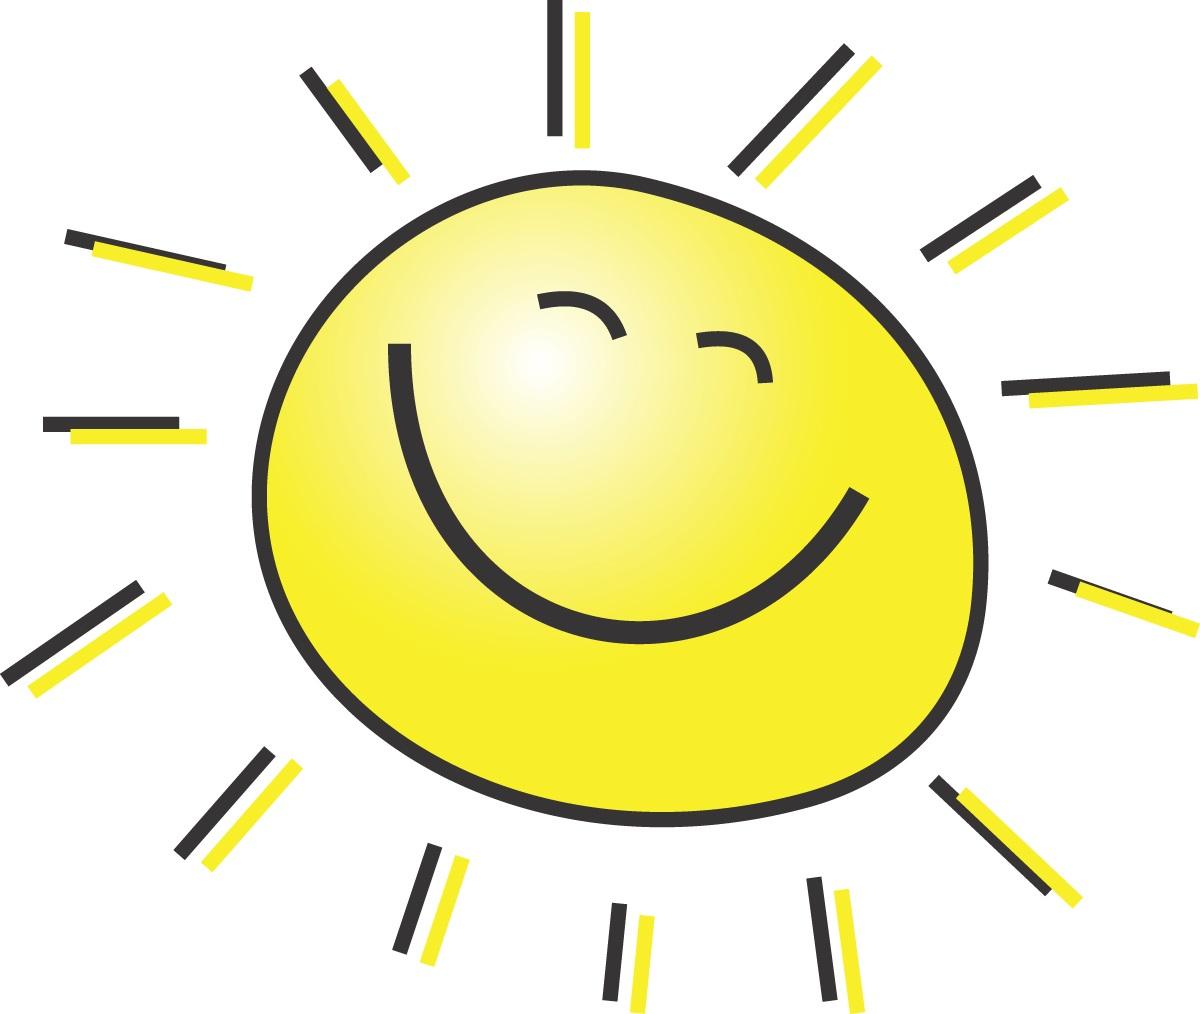 Mediteren met kinderen gevoelig sterk - Doek voor de zon ...